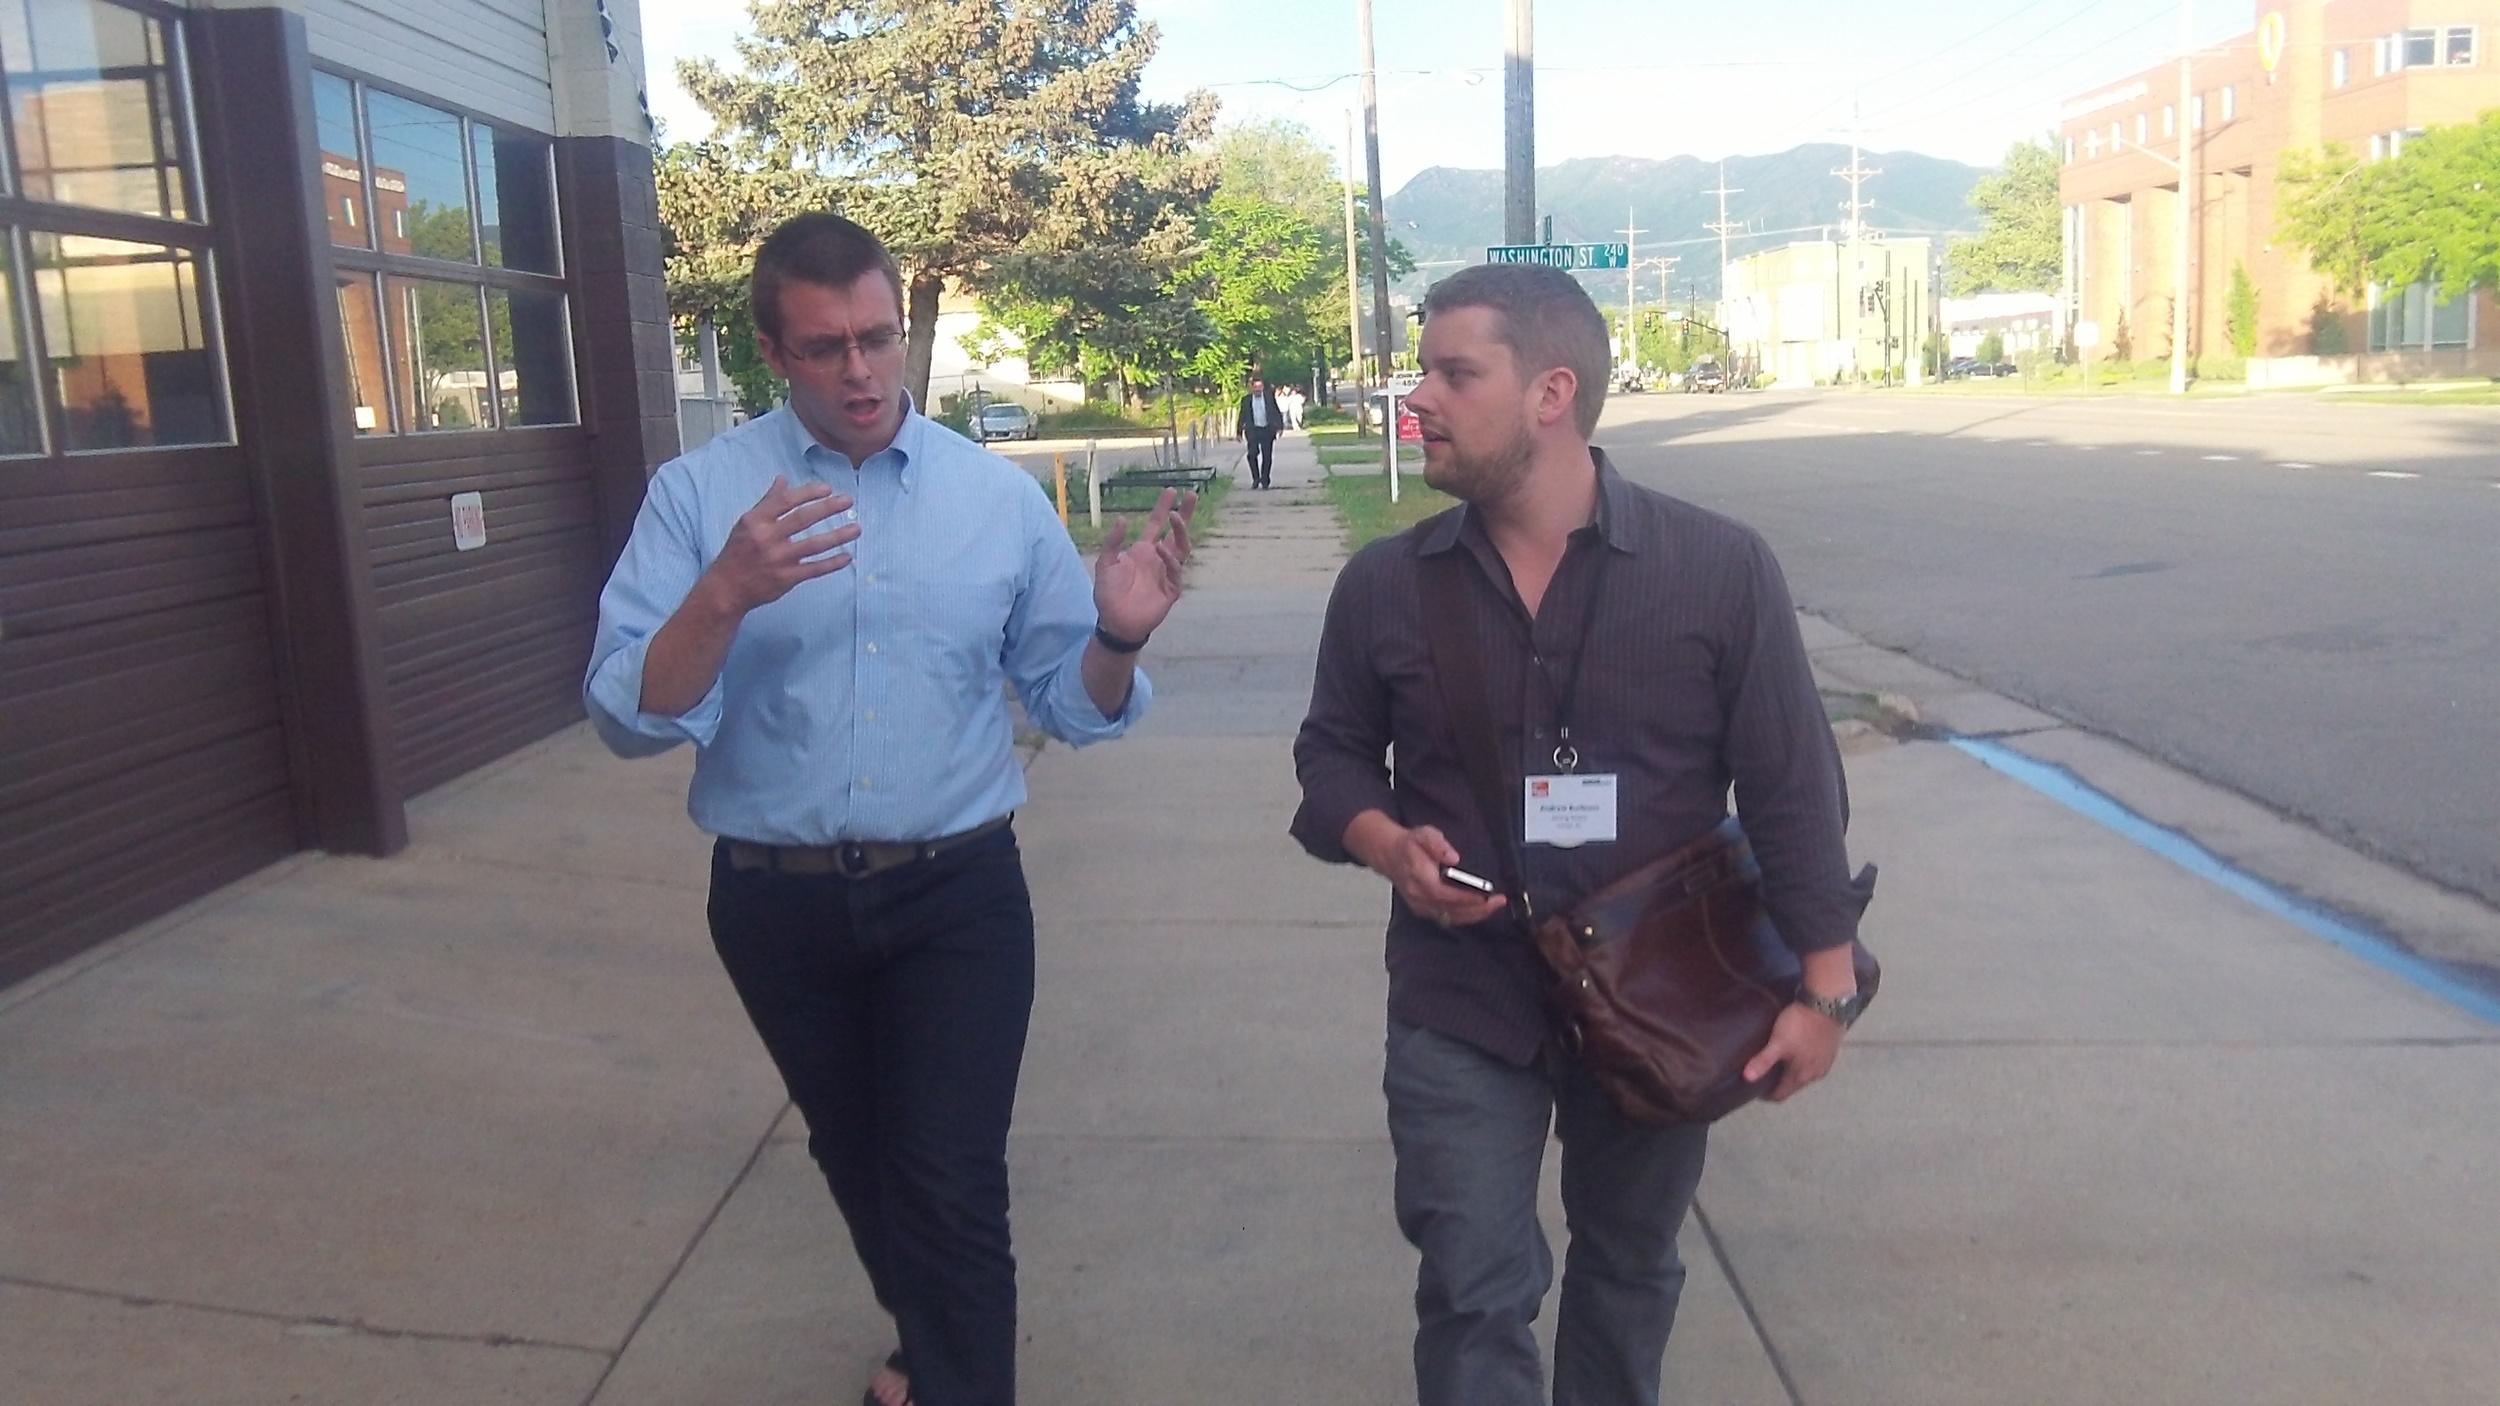 Board members Ian Rasmussen (left) and Andrew Burleson